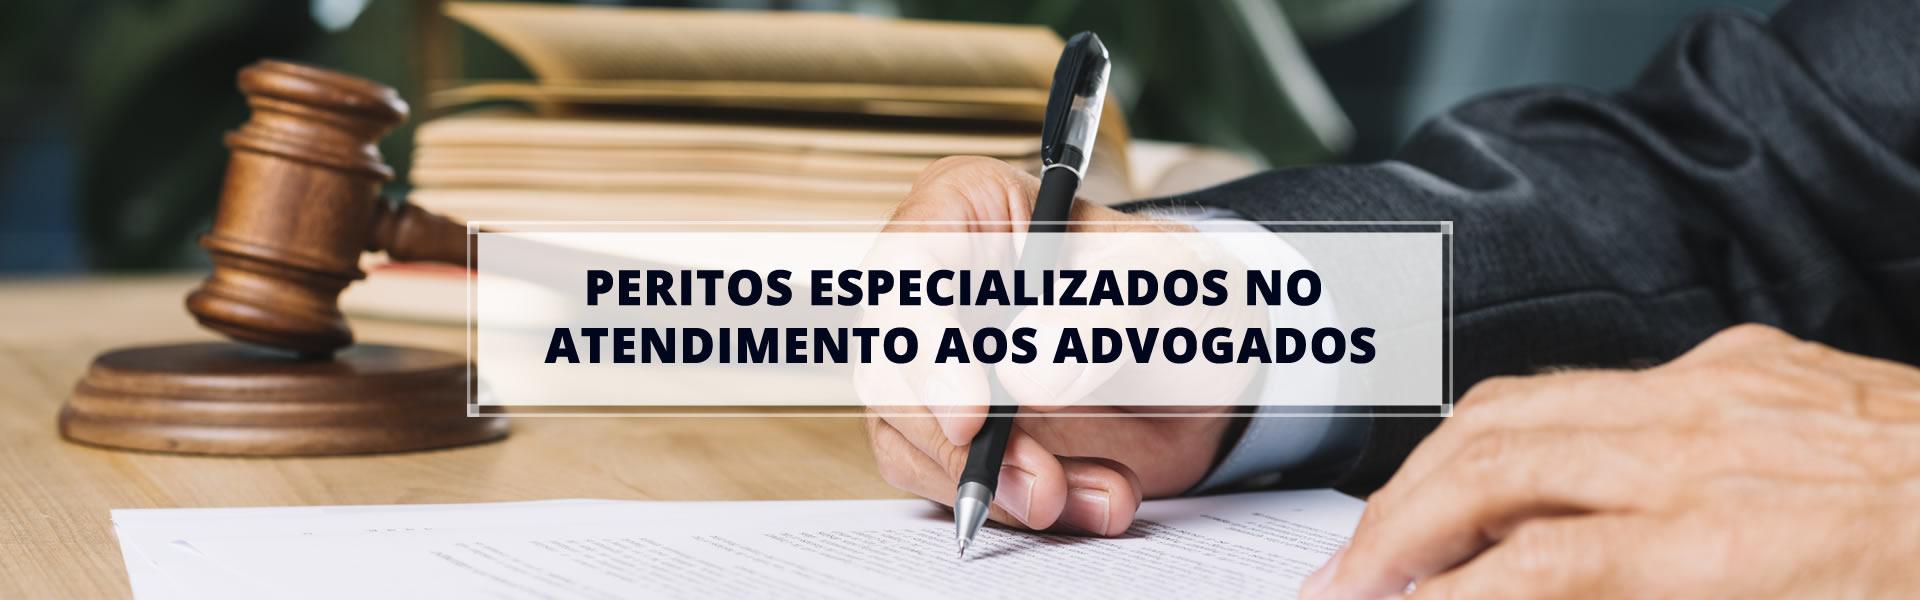 PERITOS ESPECIALIZADOS NO ATENDIMENTO AOS ADVOGADOS